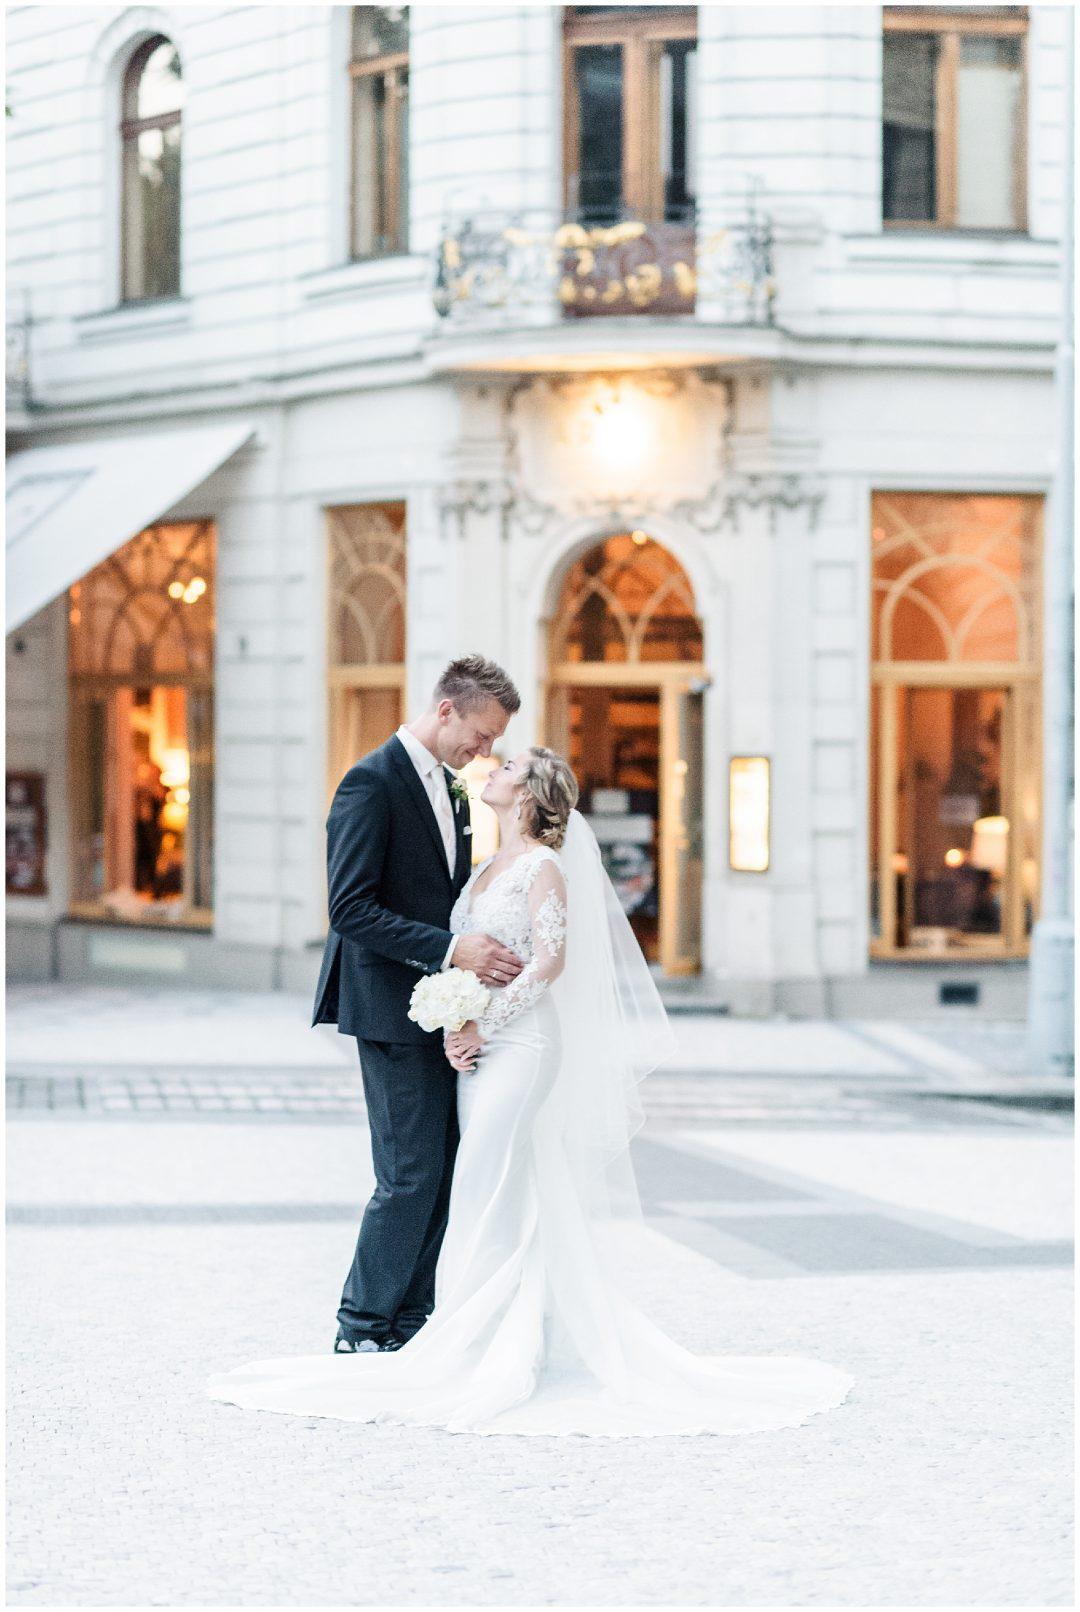 Destination Wedding in Prague | Pav and Steffen - weddings - Destination wedding Prague wedding Nkima Photography 0050